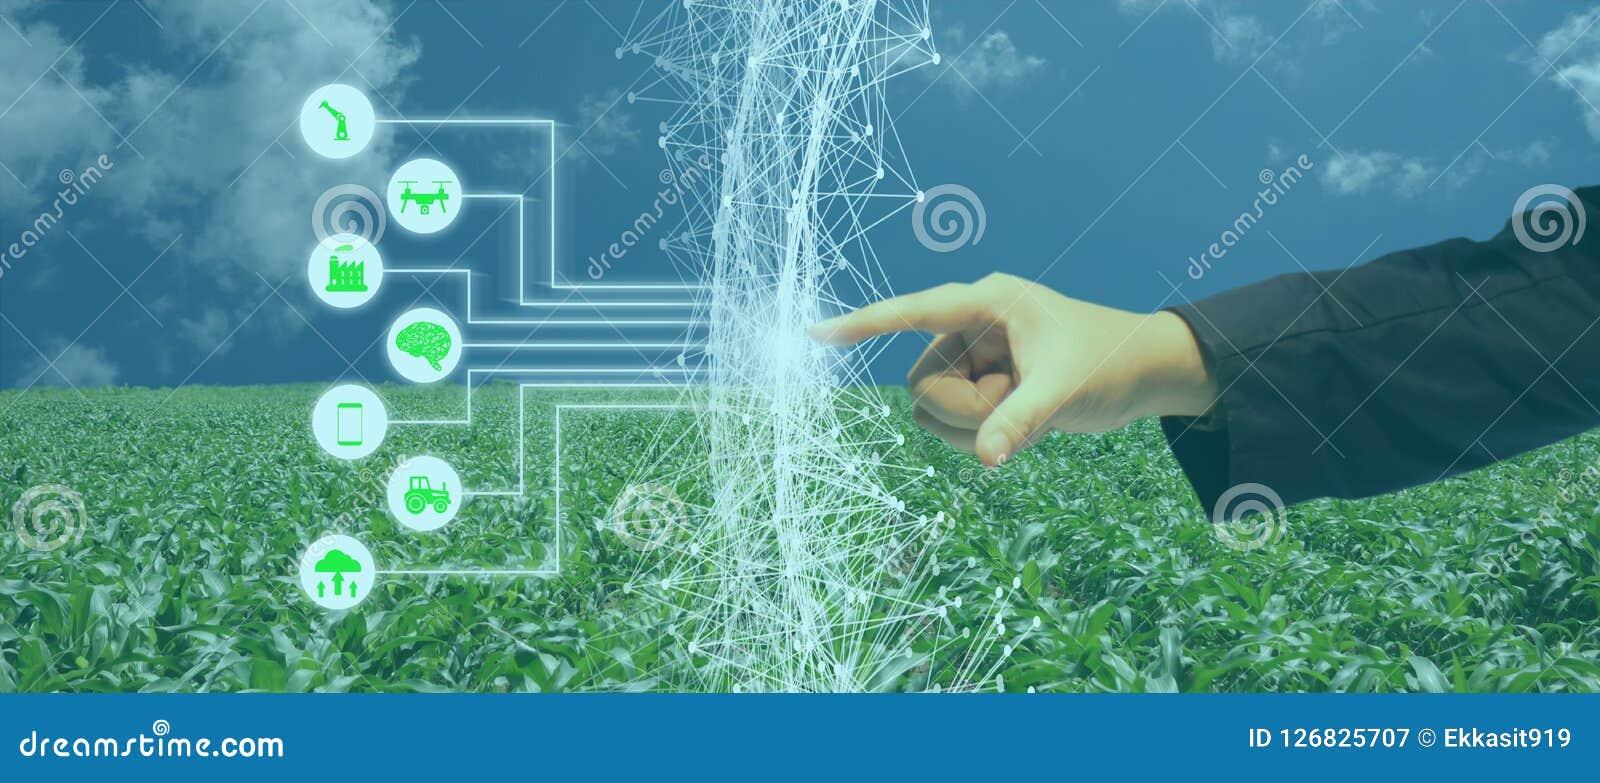 Iot, Internet das coisas, conceito da agricultura, uso robótico esperto do ai da inteligência artificial para a gestão, controle,